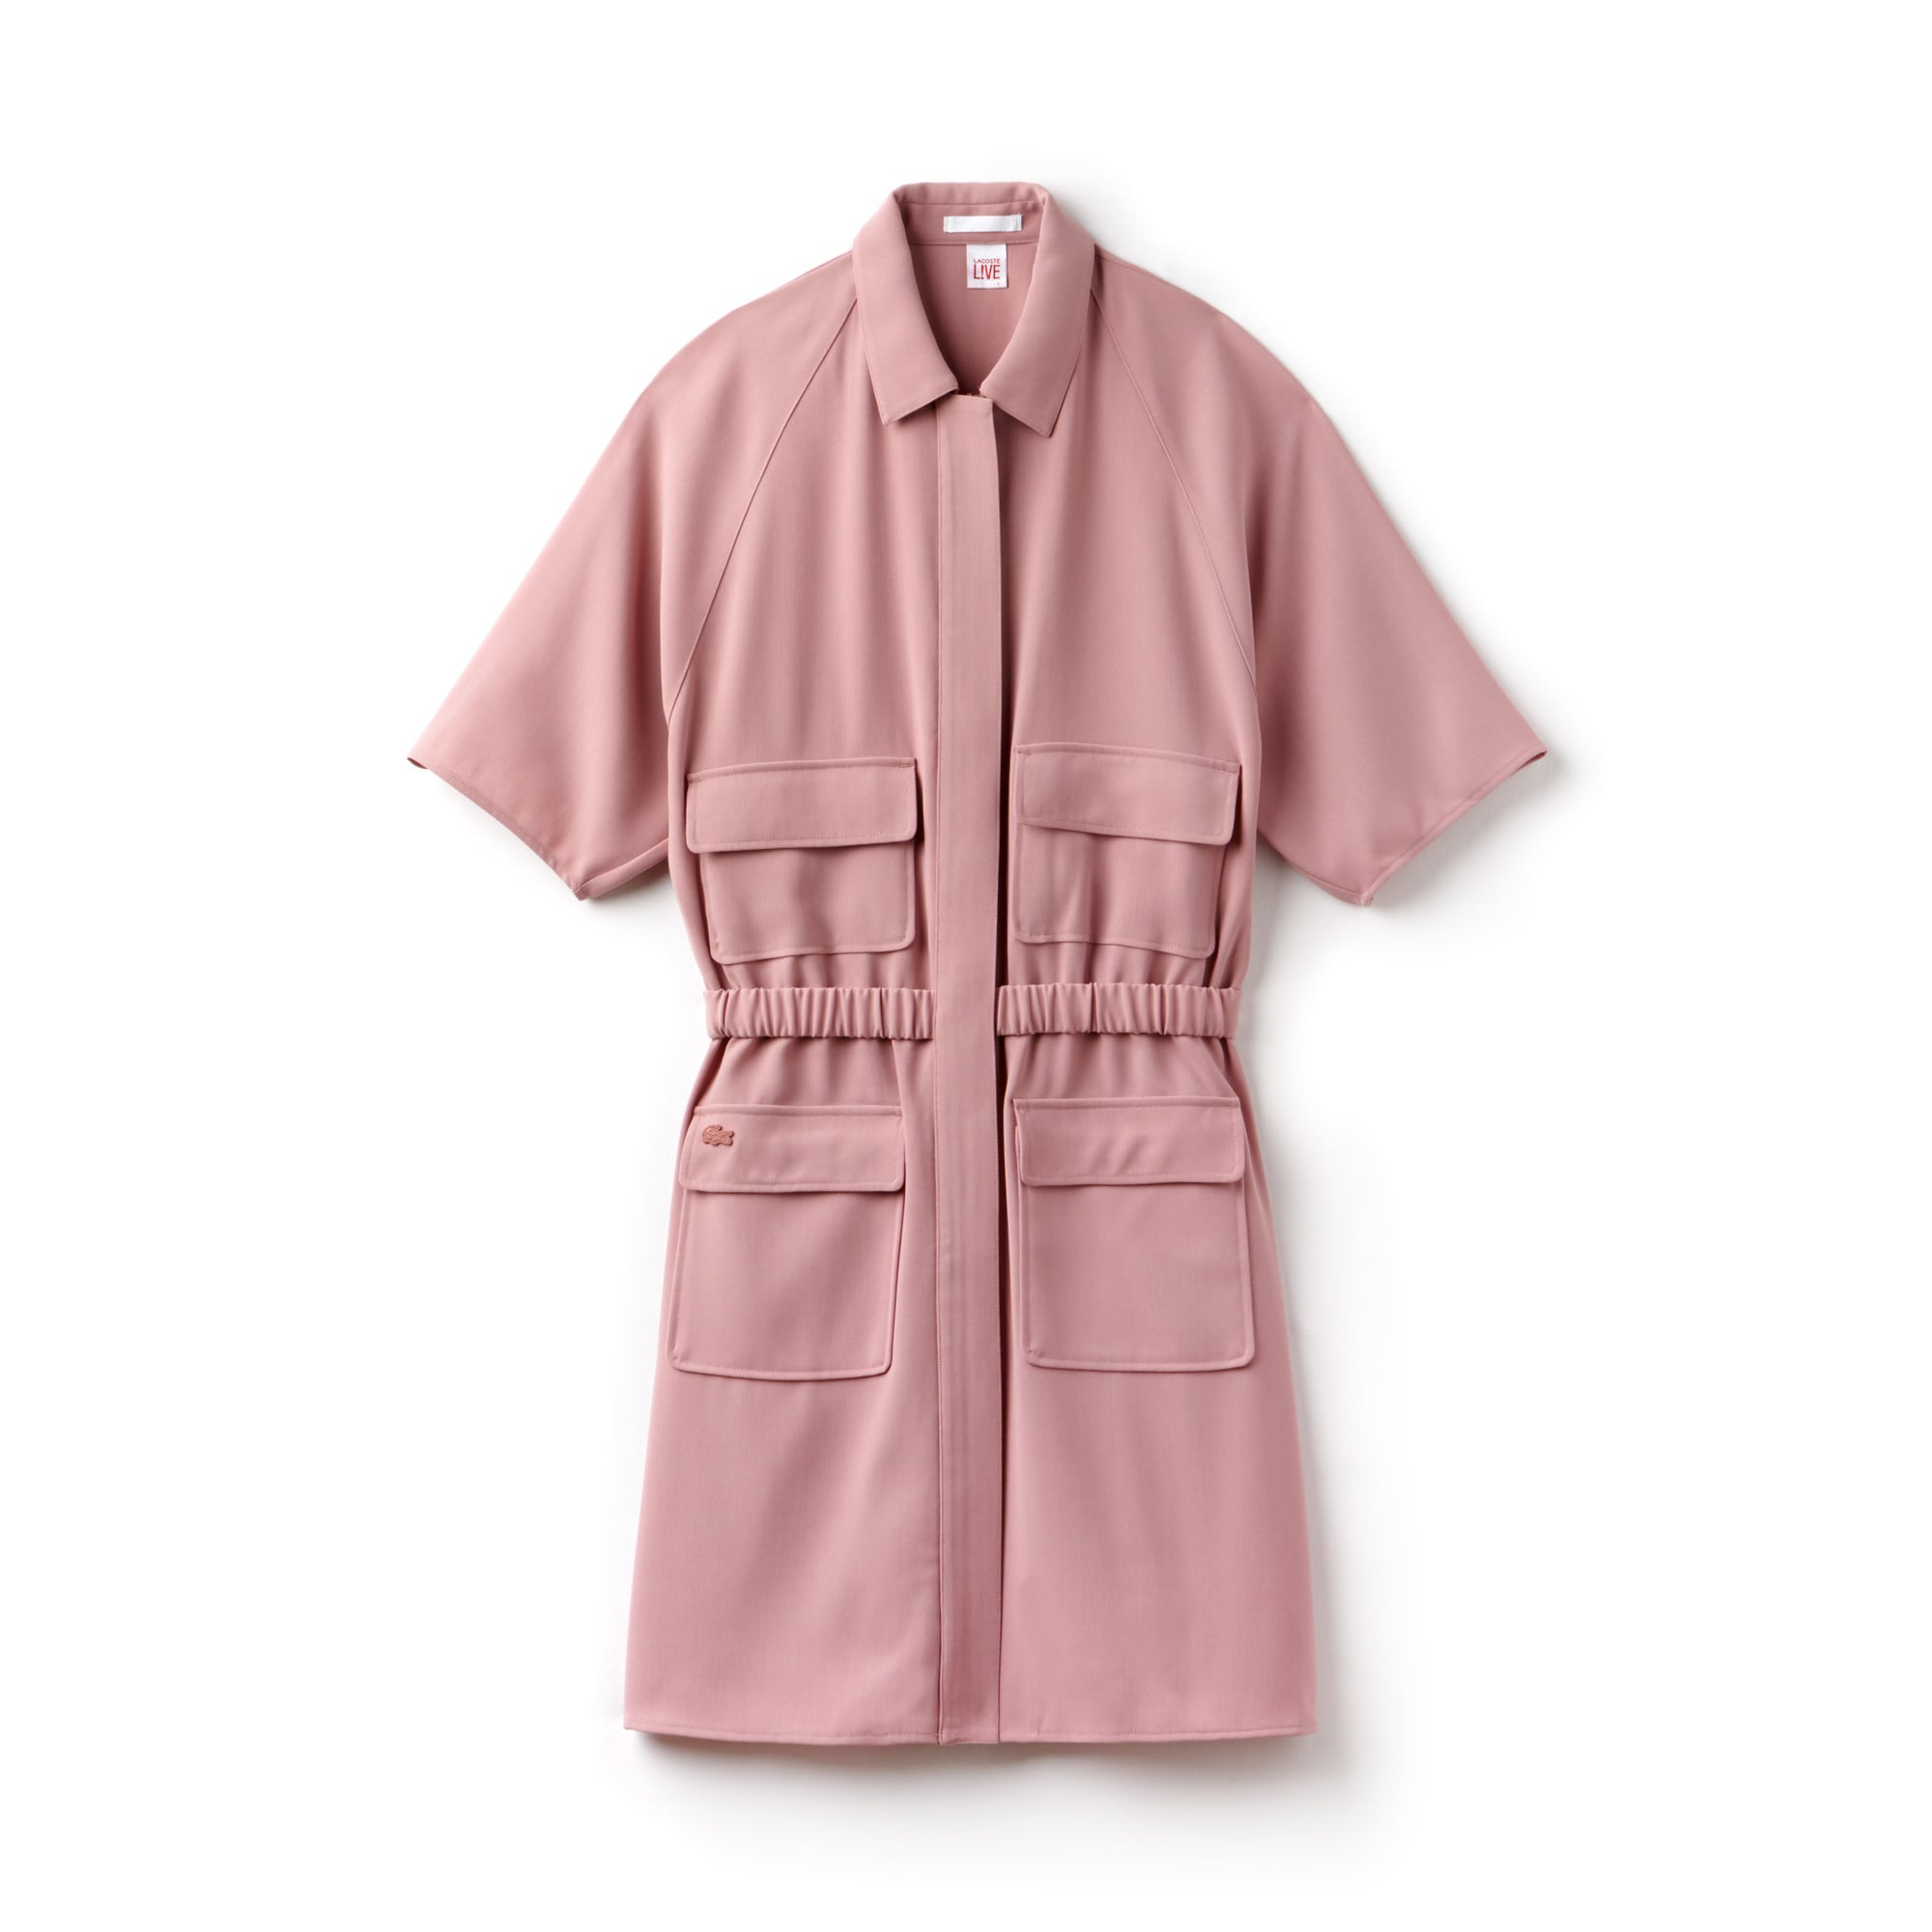 Lacoste jacke damen pink